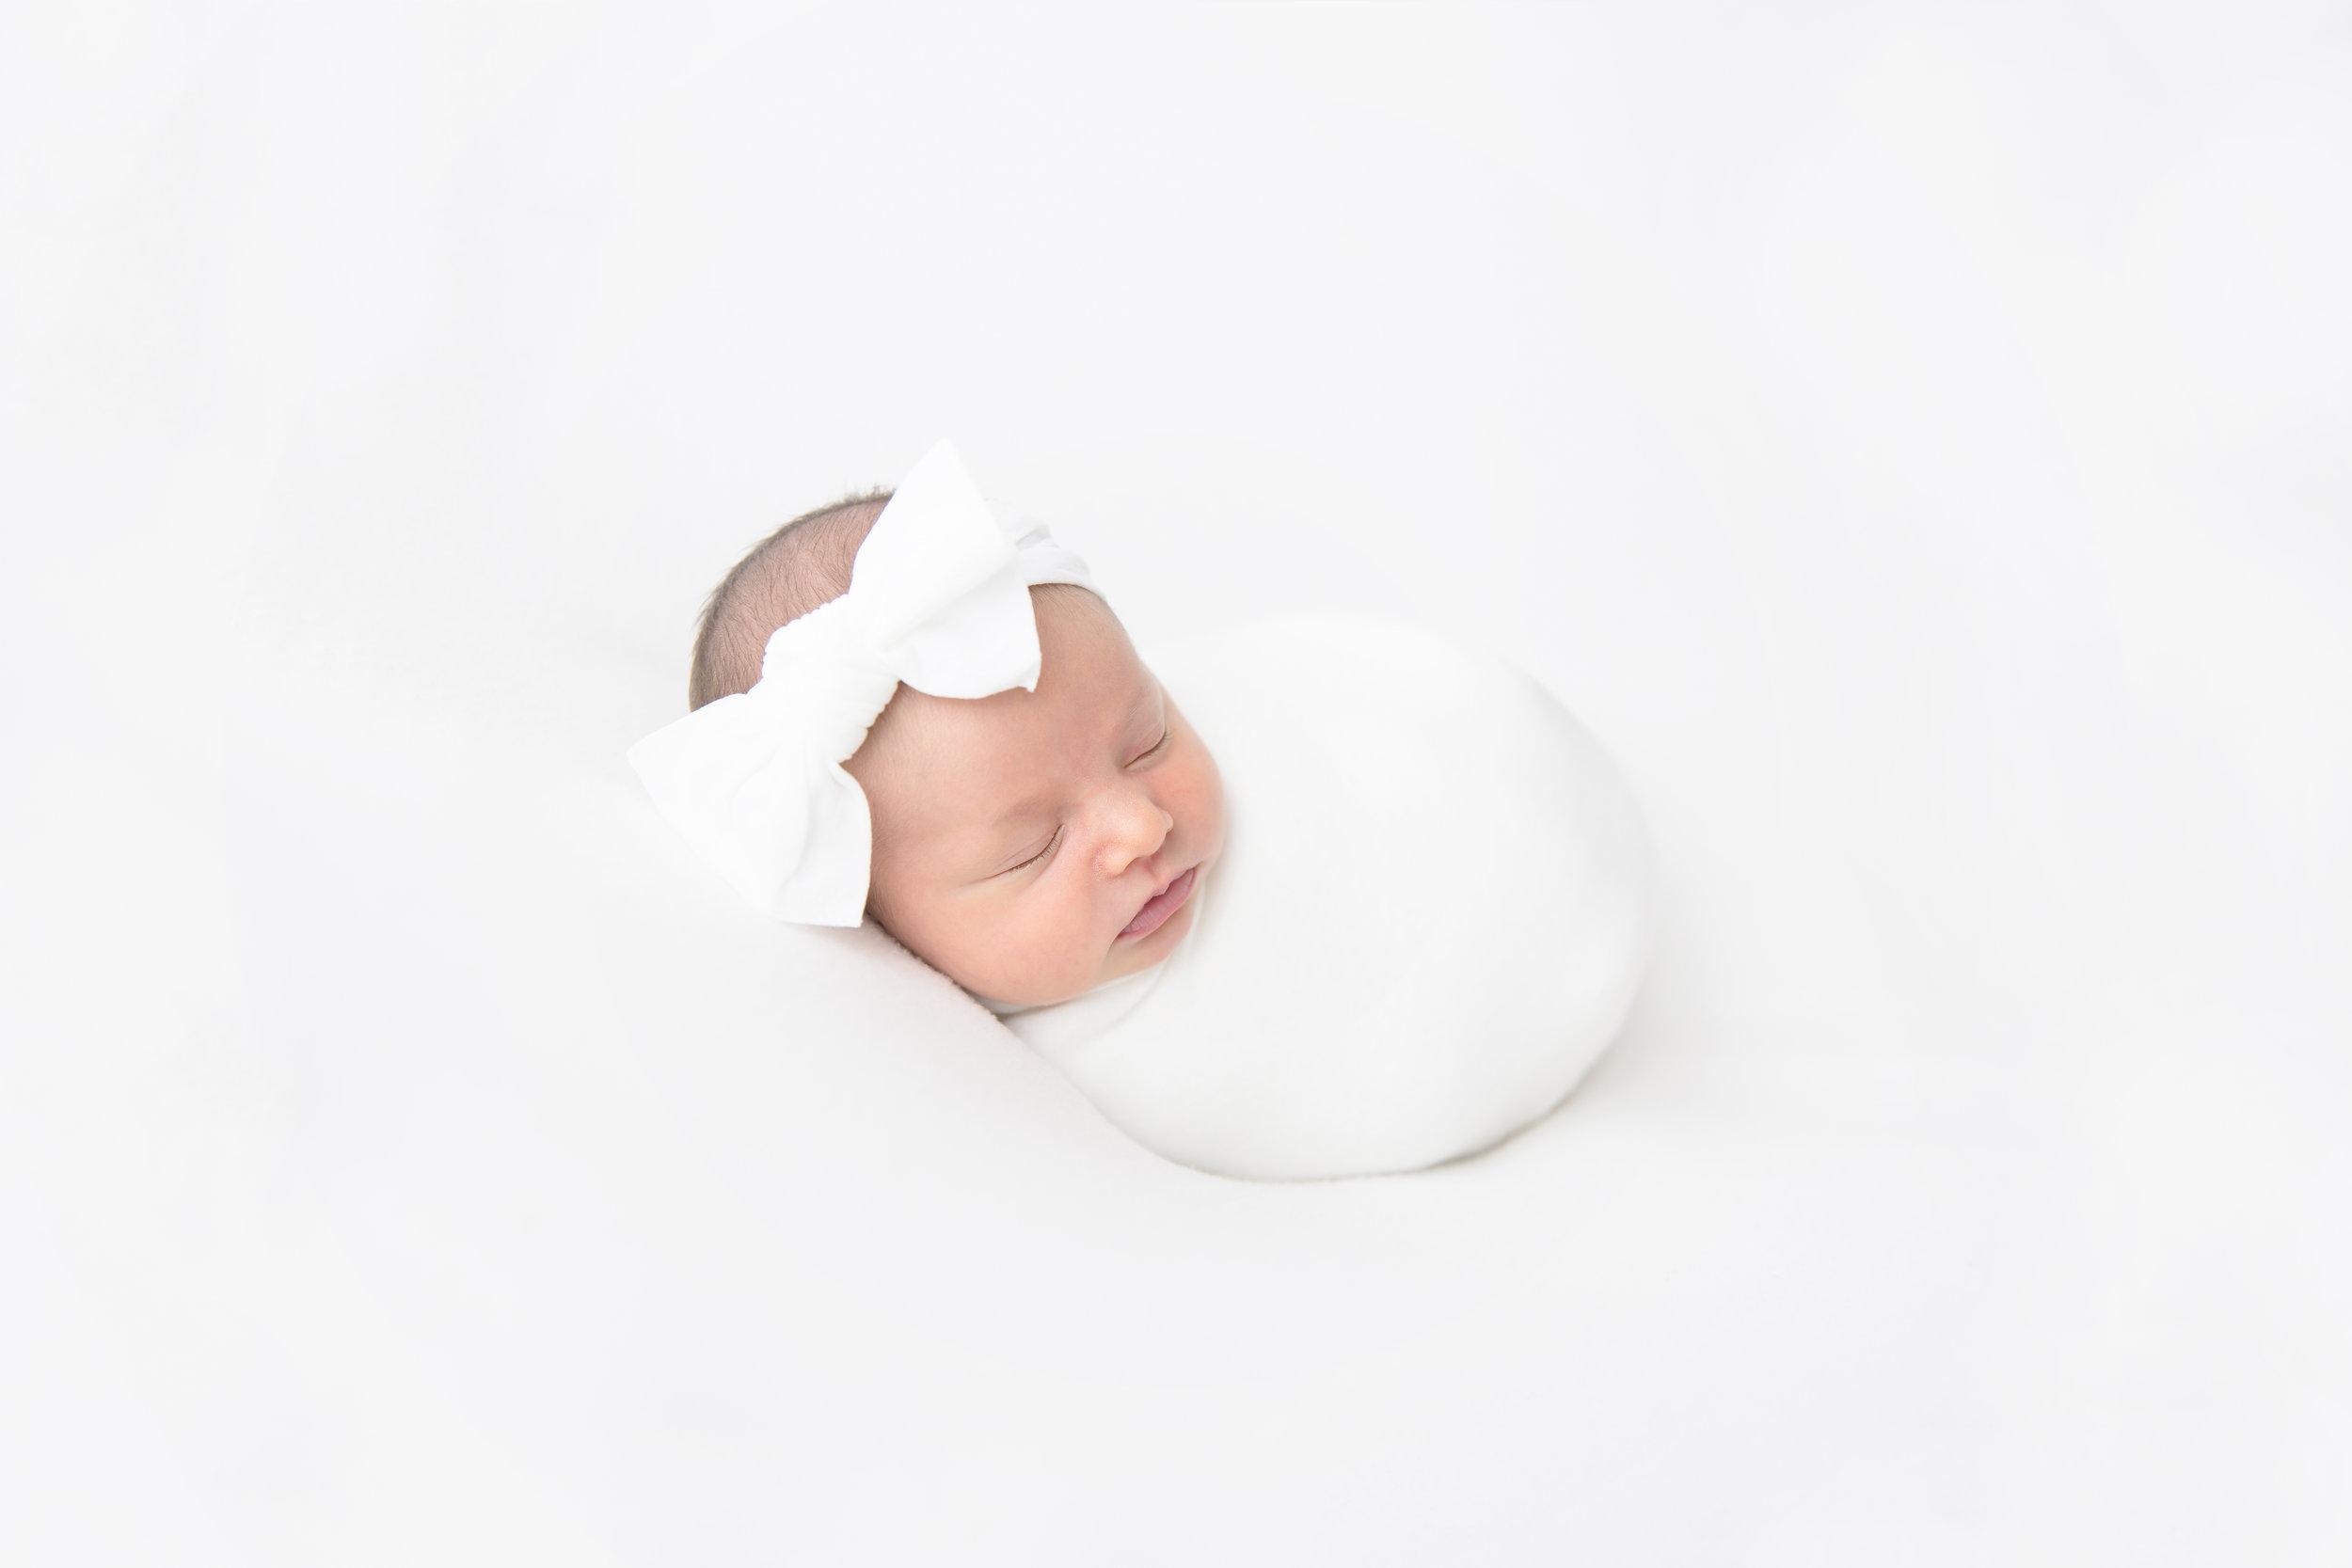 nye-newborn-light-airy-organic